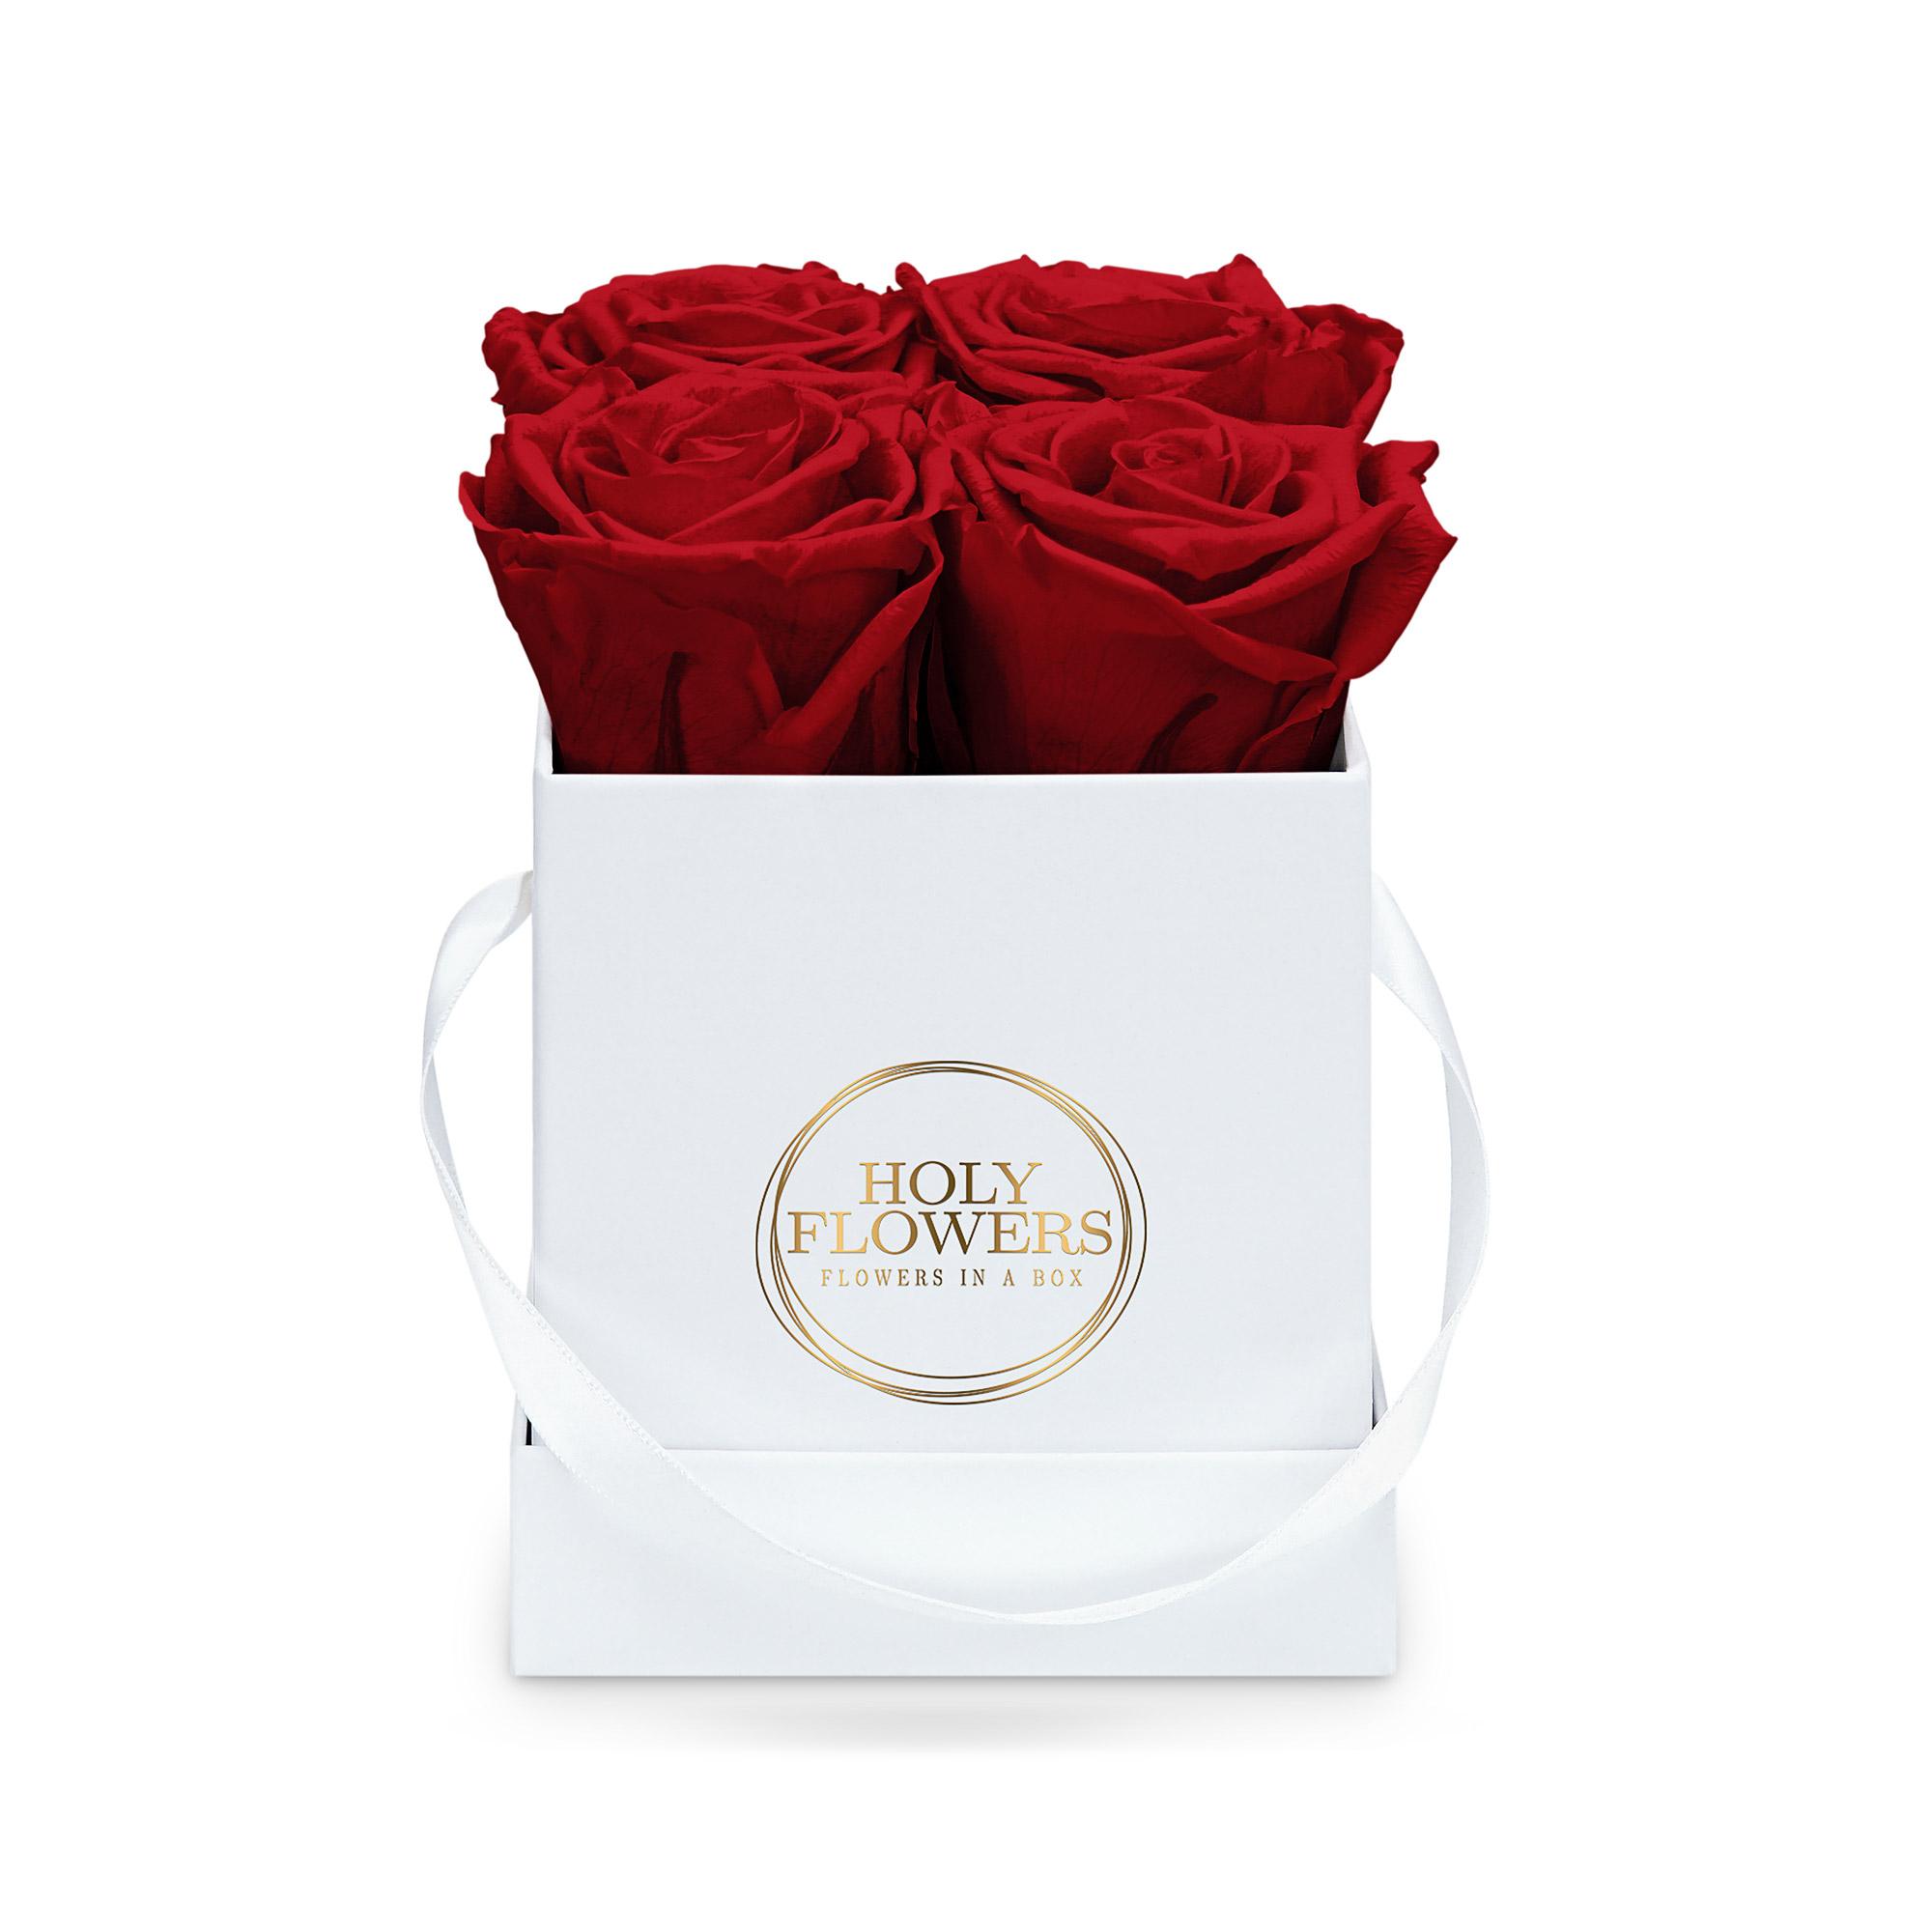 Rot Rot Sind Die Rosen Text